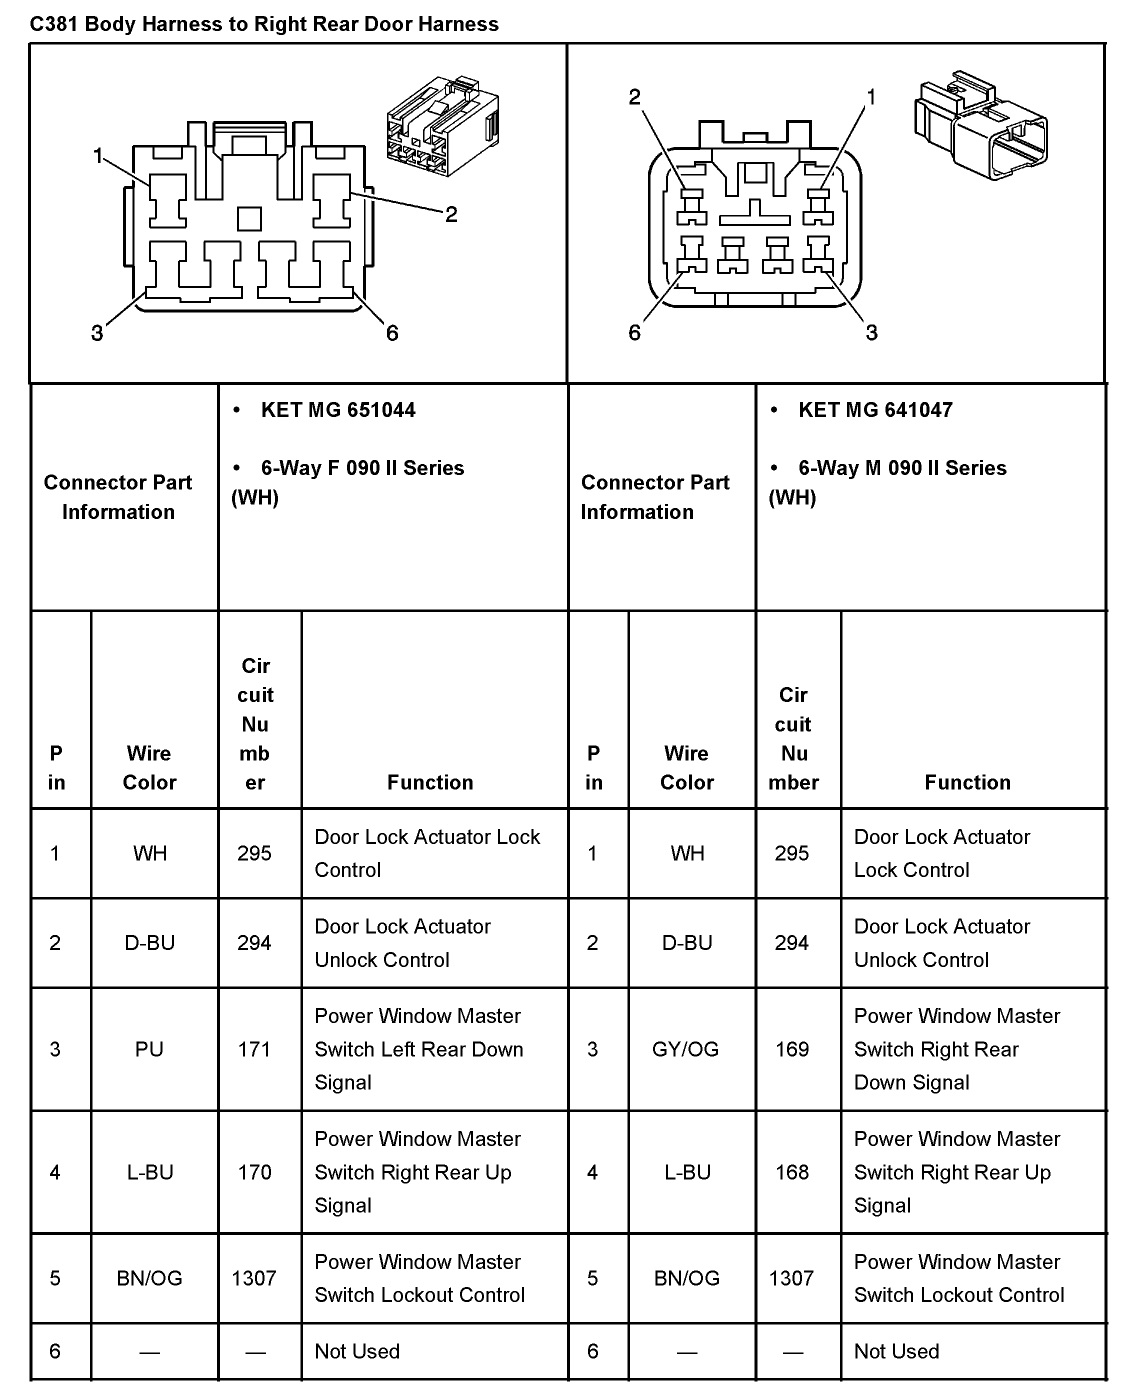 Chevy Aveo Wiring Schematic on 2006 jeep liberty wiring schematic, 2006 honda accord wiring schematic, 2006 lincoln navigator wiring schematic, 2006 hyundai accent wiring schematic, 2006 mercury mountaineer wiring schematic, 2006 toyota tacoma wiring schematic, 2006 hyundai tucson wiring schematic, 2006 jeep grand cherokee wiring schematic, 2006 honda civic wiring schematic, 2006 dodge stratus wiring schematic, 2006 kia sedona wiring schematic, 2006 scion xb wiring schematic, 2006 ford focus wiring schematic, 2006 mini cooper wiring schematic, 2006 jeep wrangler wiring schematic, 2006 ford taurus wiring schematic, 2006 nissan altima wiring schematic,